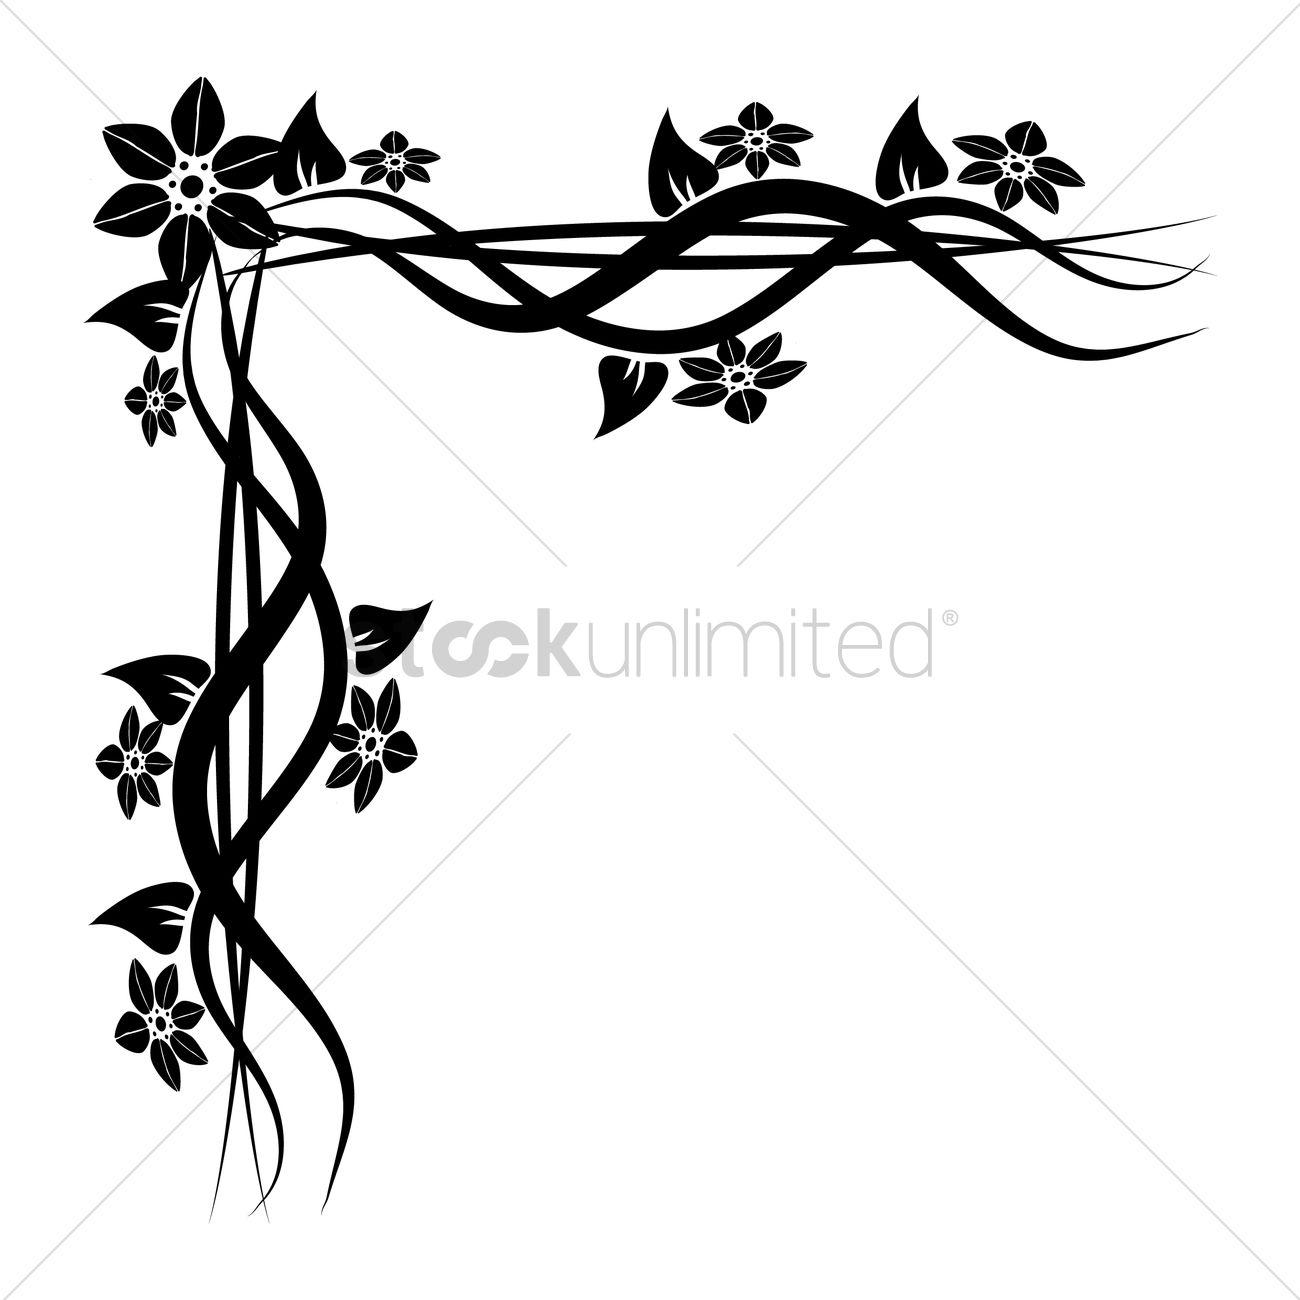 Floral corner design Vector Image - 1626887 | StockUnlimited